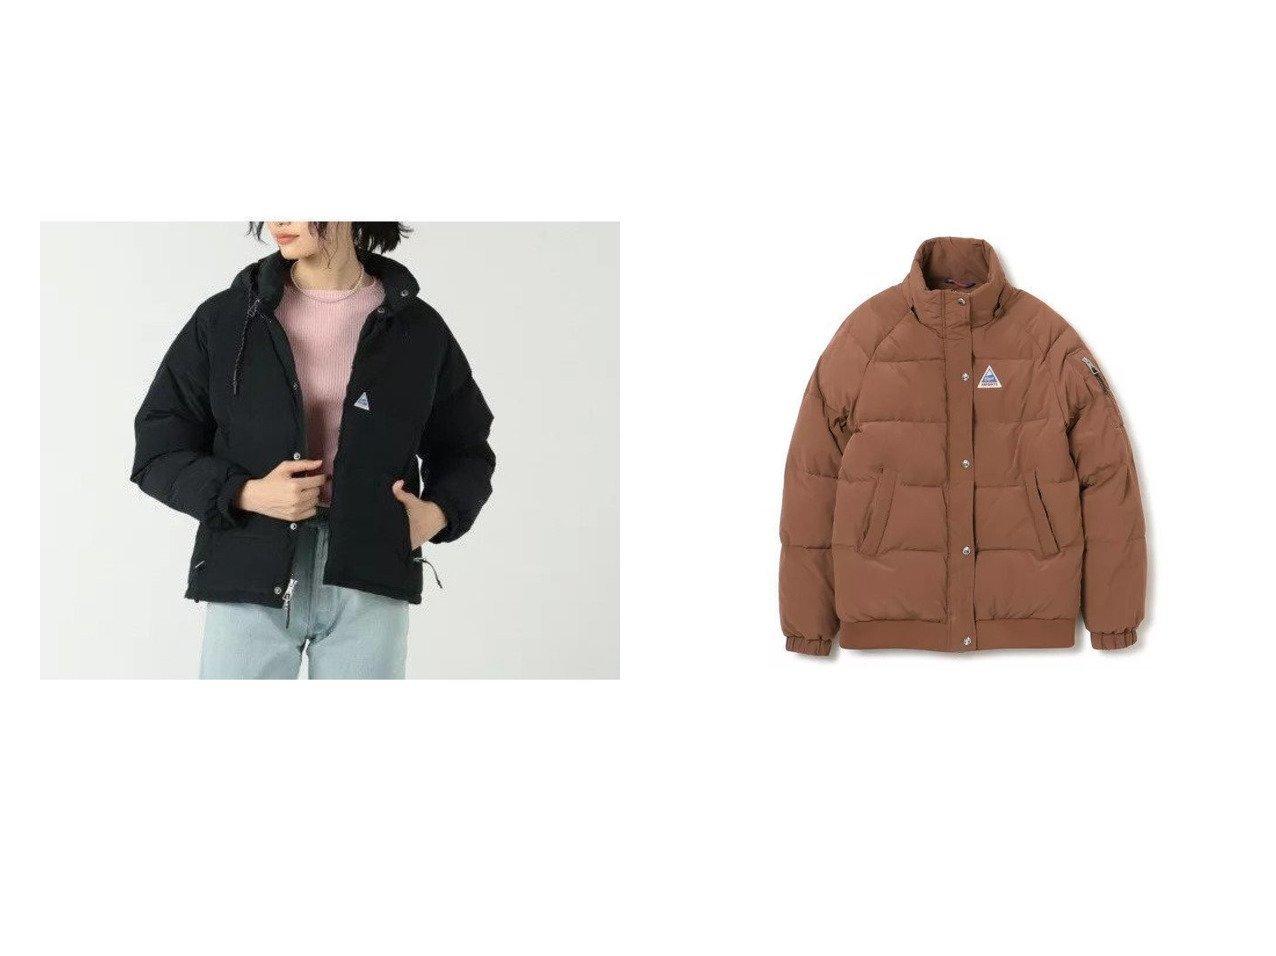 【Cape HEIGHTS/ケープハイツ】のWOMENS LYNDON Jacket(ポリ/ナイロンリップストップ)&WOMENS SUMMIT AVIATOR Jacket(ポリ/ナイロンリップストップ) 【アウター】おすすめ!人気、トレンド・レディースファッションの通販 おすすめで人気の流行・トレンド、ファッションの通販商品 インテリア・家具・メンズファッション・キッズファッション・レディースファッション・服の通販 founy(ファニー) https://founy.com/ ファッション Fashion レディースファッション WOMEN アウター Coat Outerwear コート Coats ジャケット Jackets ダウン 人気 A/W・秋冬 AW・Autumn/Winter・FW・Fall-Winter 定番 Standard  ID:crp329100000056365